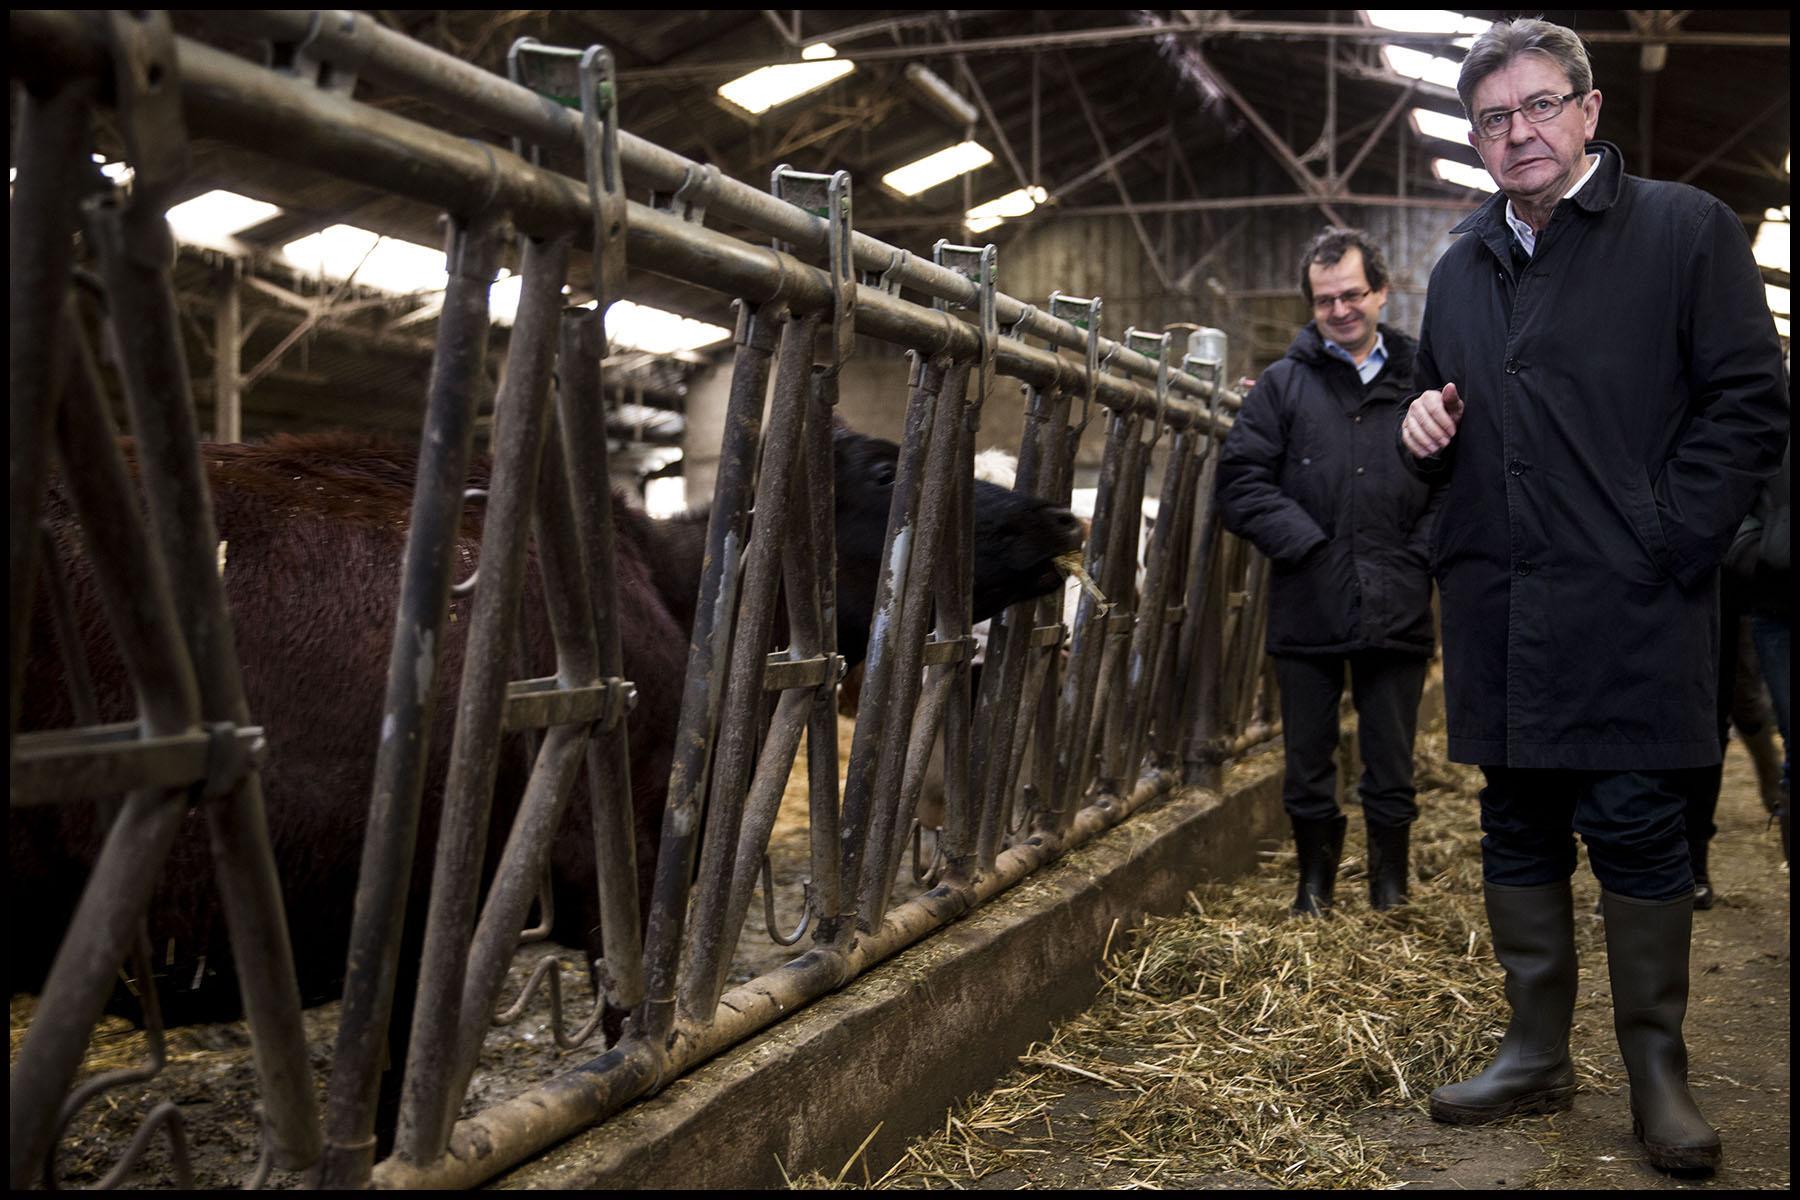 Déplacement de Jean-Luc MELENCHON sur le thème de l'agriculture, à la ferme laitière des Bayottes dans l'Oise.